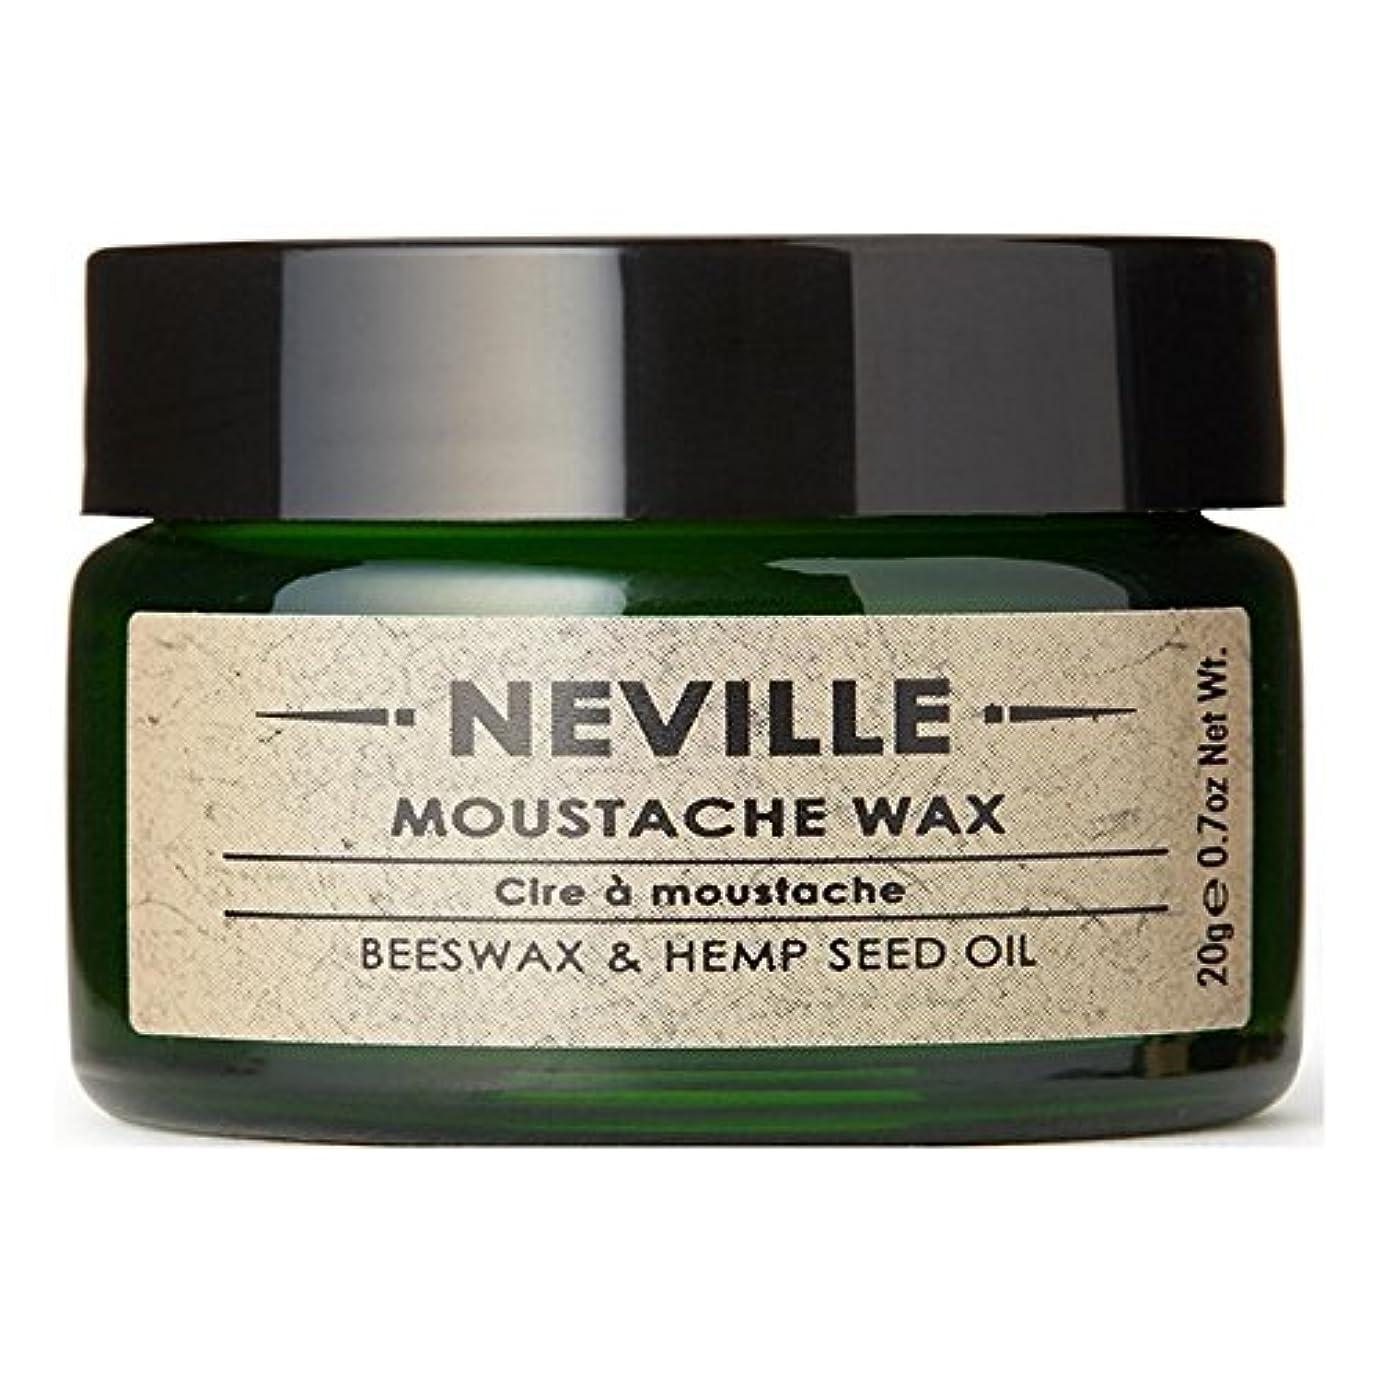 取得する外観温帯ネビル口ひげワックス x2 - Neville Moustache Wax (Pack of 2) [並行輸入品]